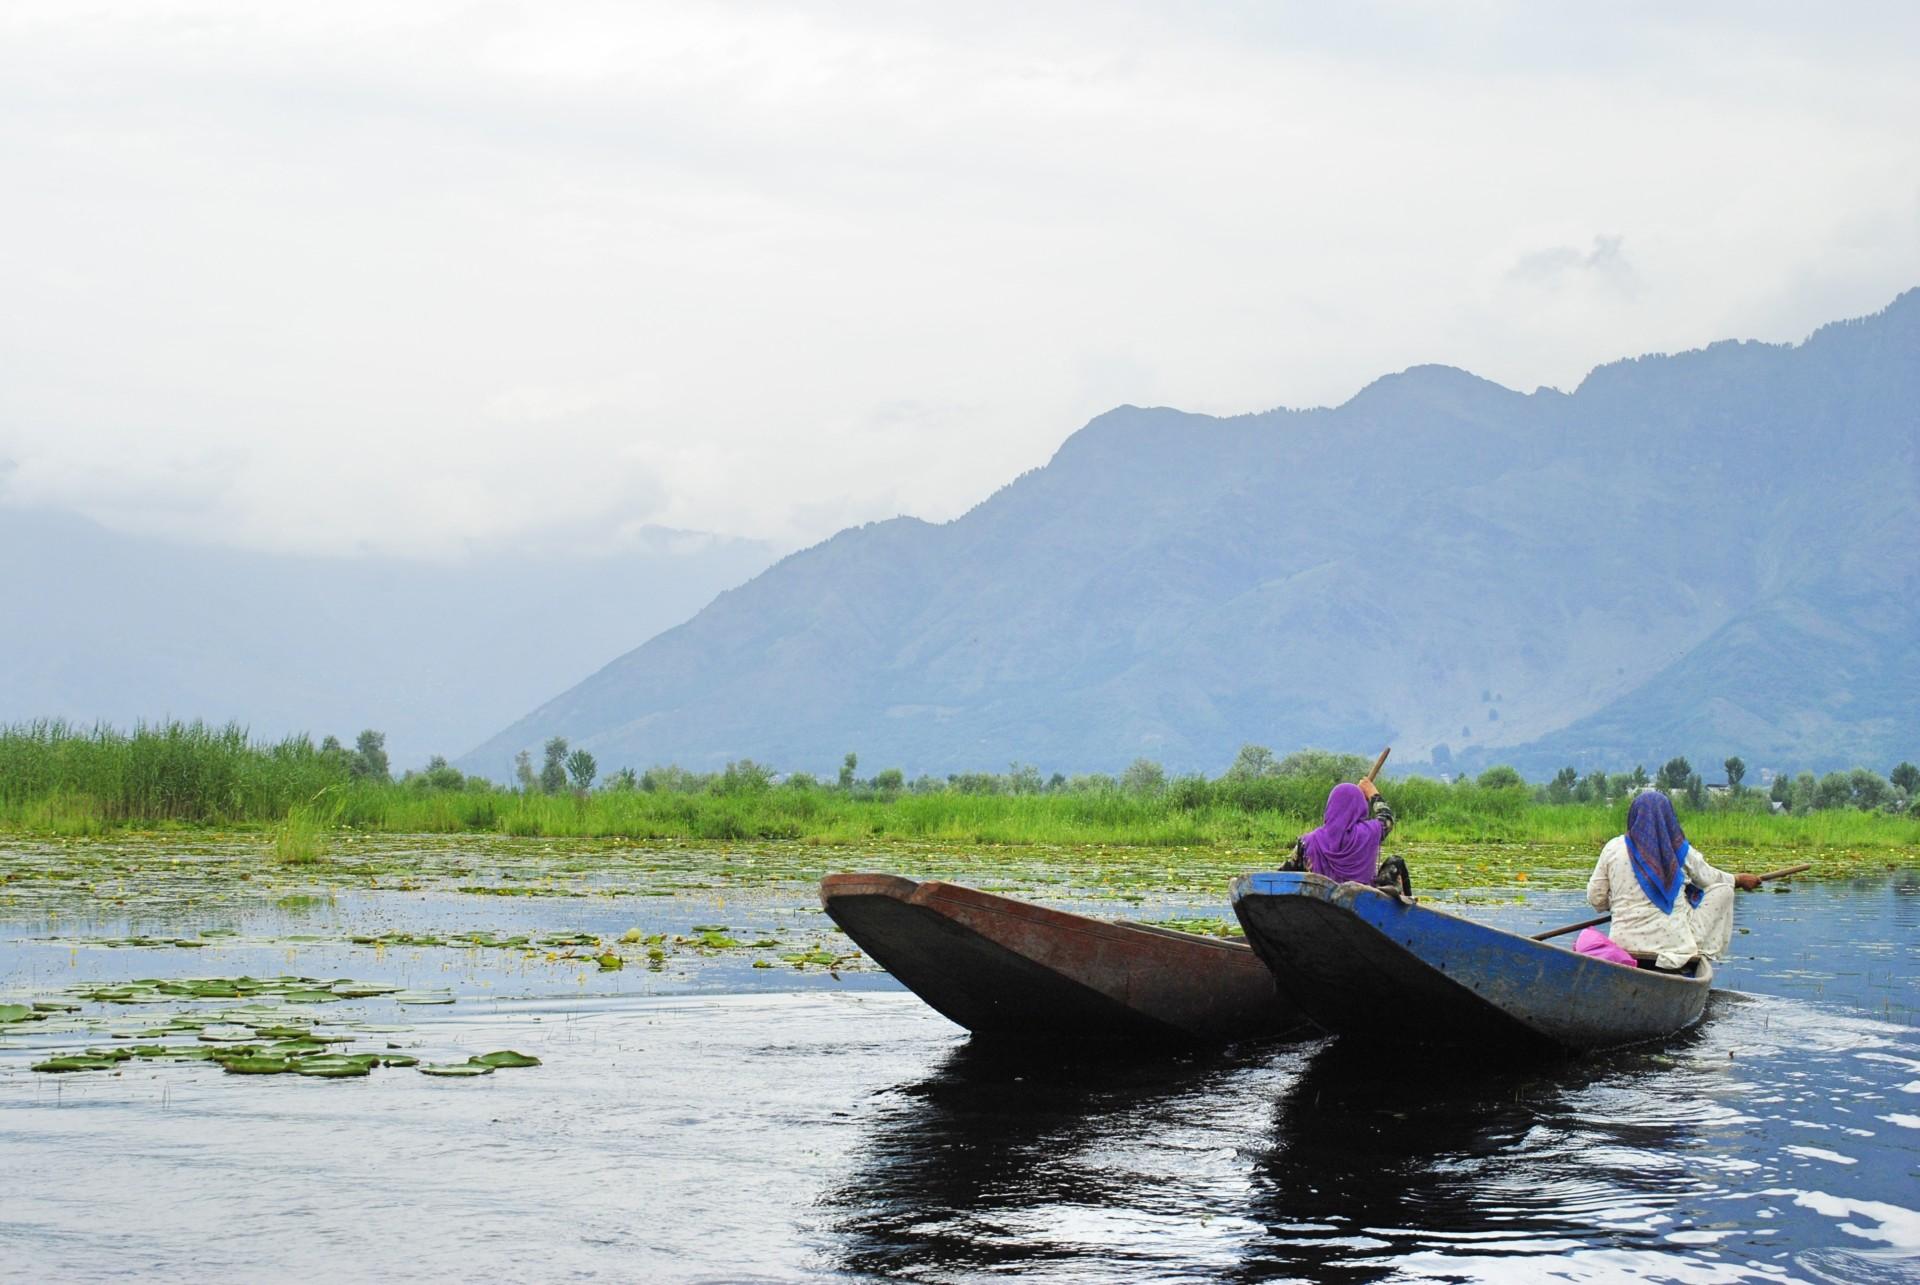 Wyprawa do Nepalu na wyciągnięcie ręki. Wybierz kameralne biuro podróży 2